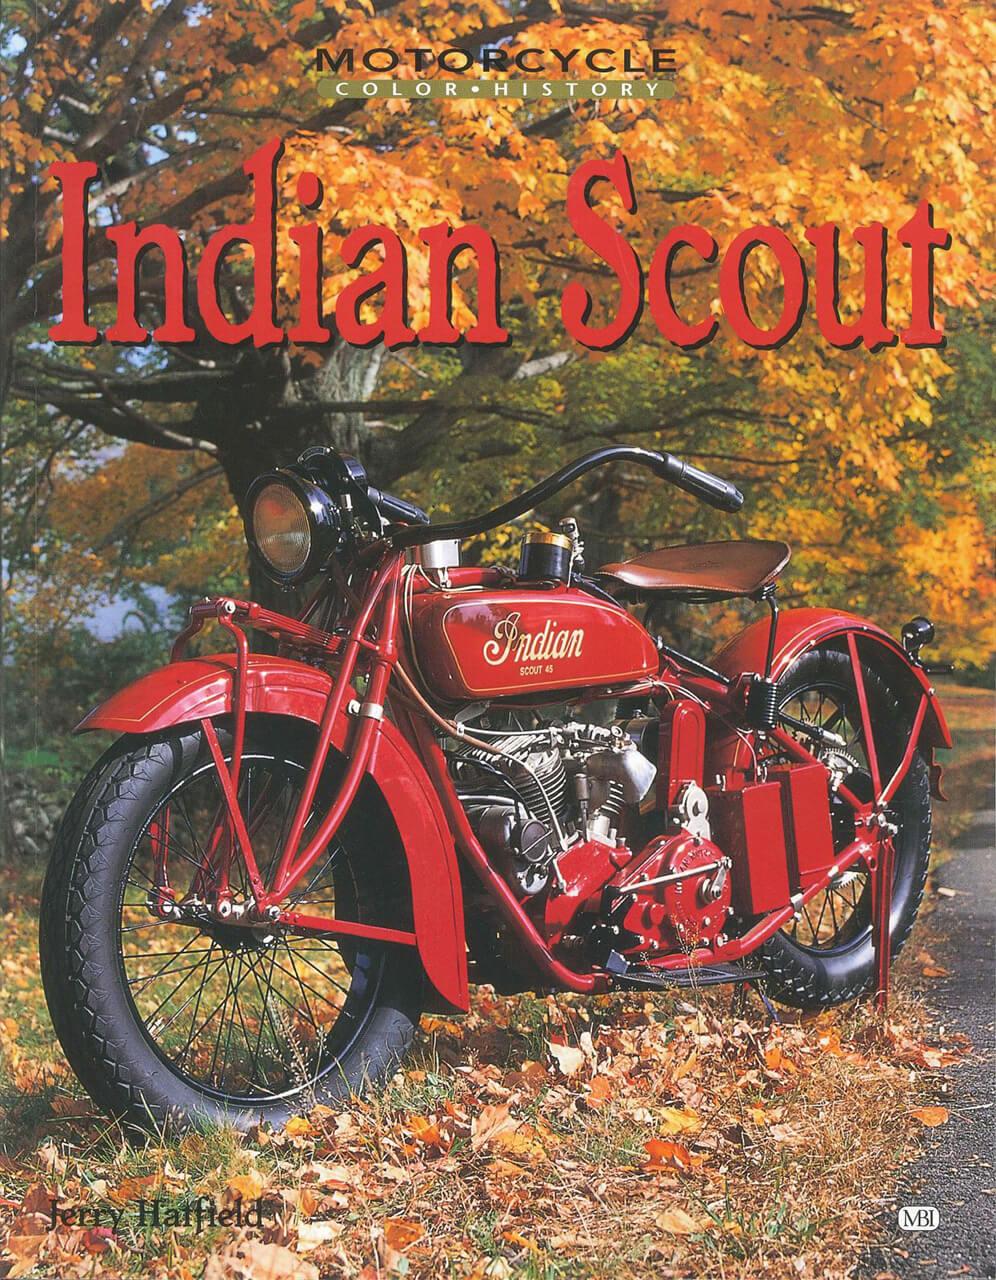 これ以上ない情報量! インディアン「スカウト」のすべてを網羅したファン、オーナー必携の一冊【新書紹介】